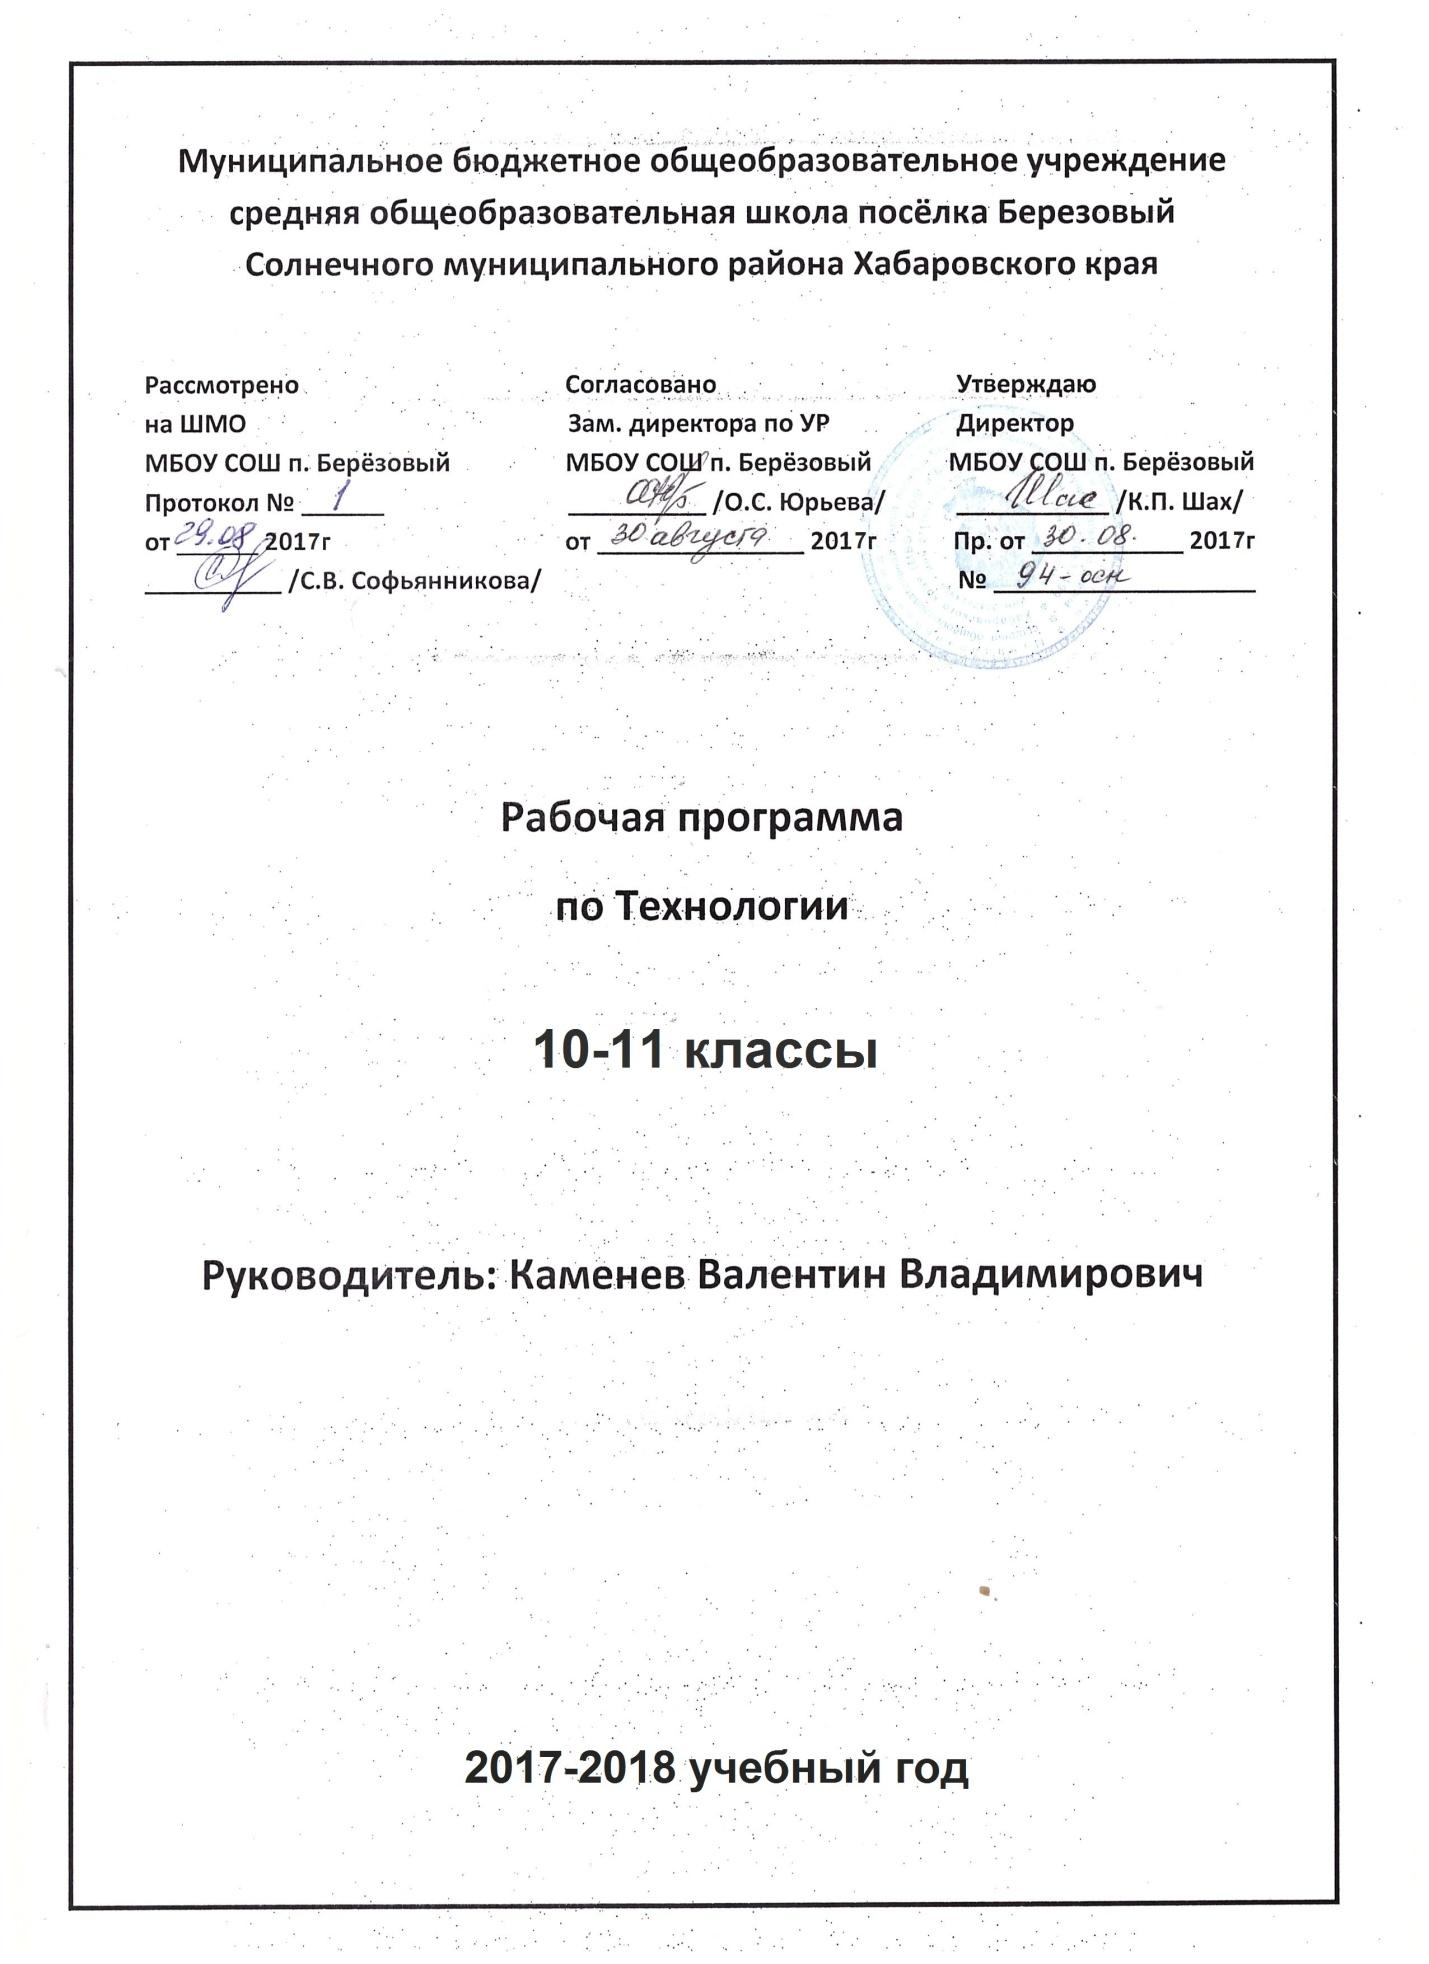 Рабочая программа по технологии 10-11 класс в.д симоненко